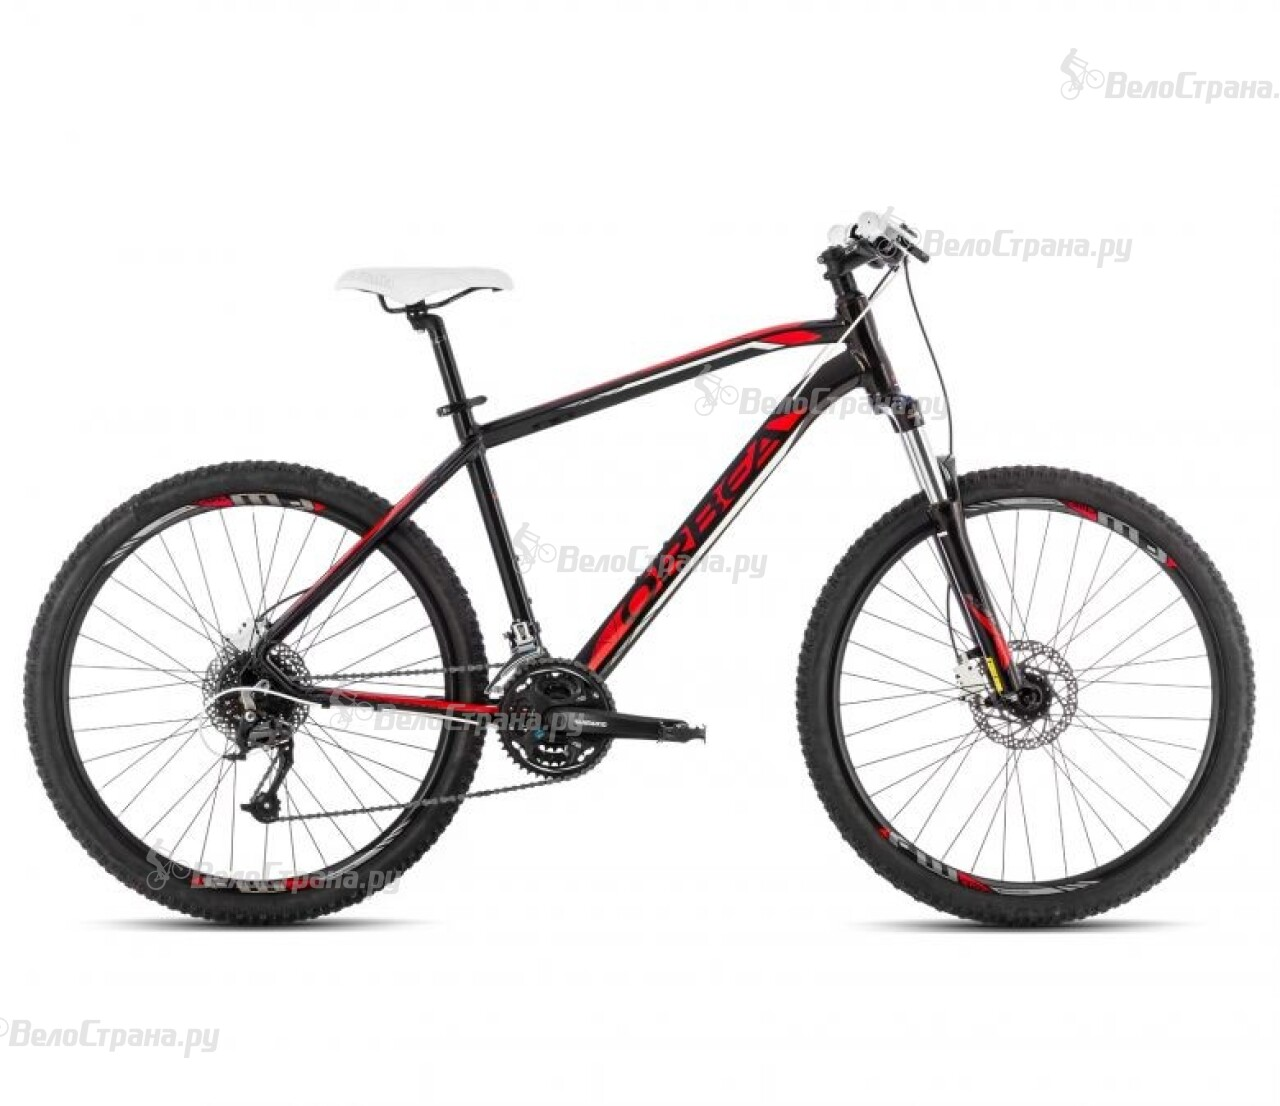 Велосипед Orbea Mx 26 30 Dama (2014) велосипед orbea orca dama gth 2013